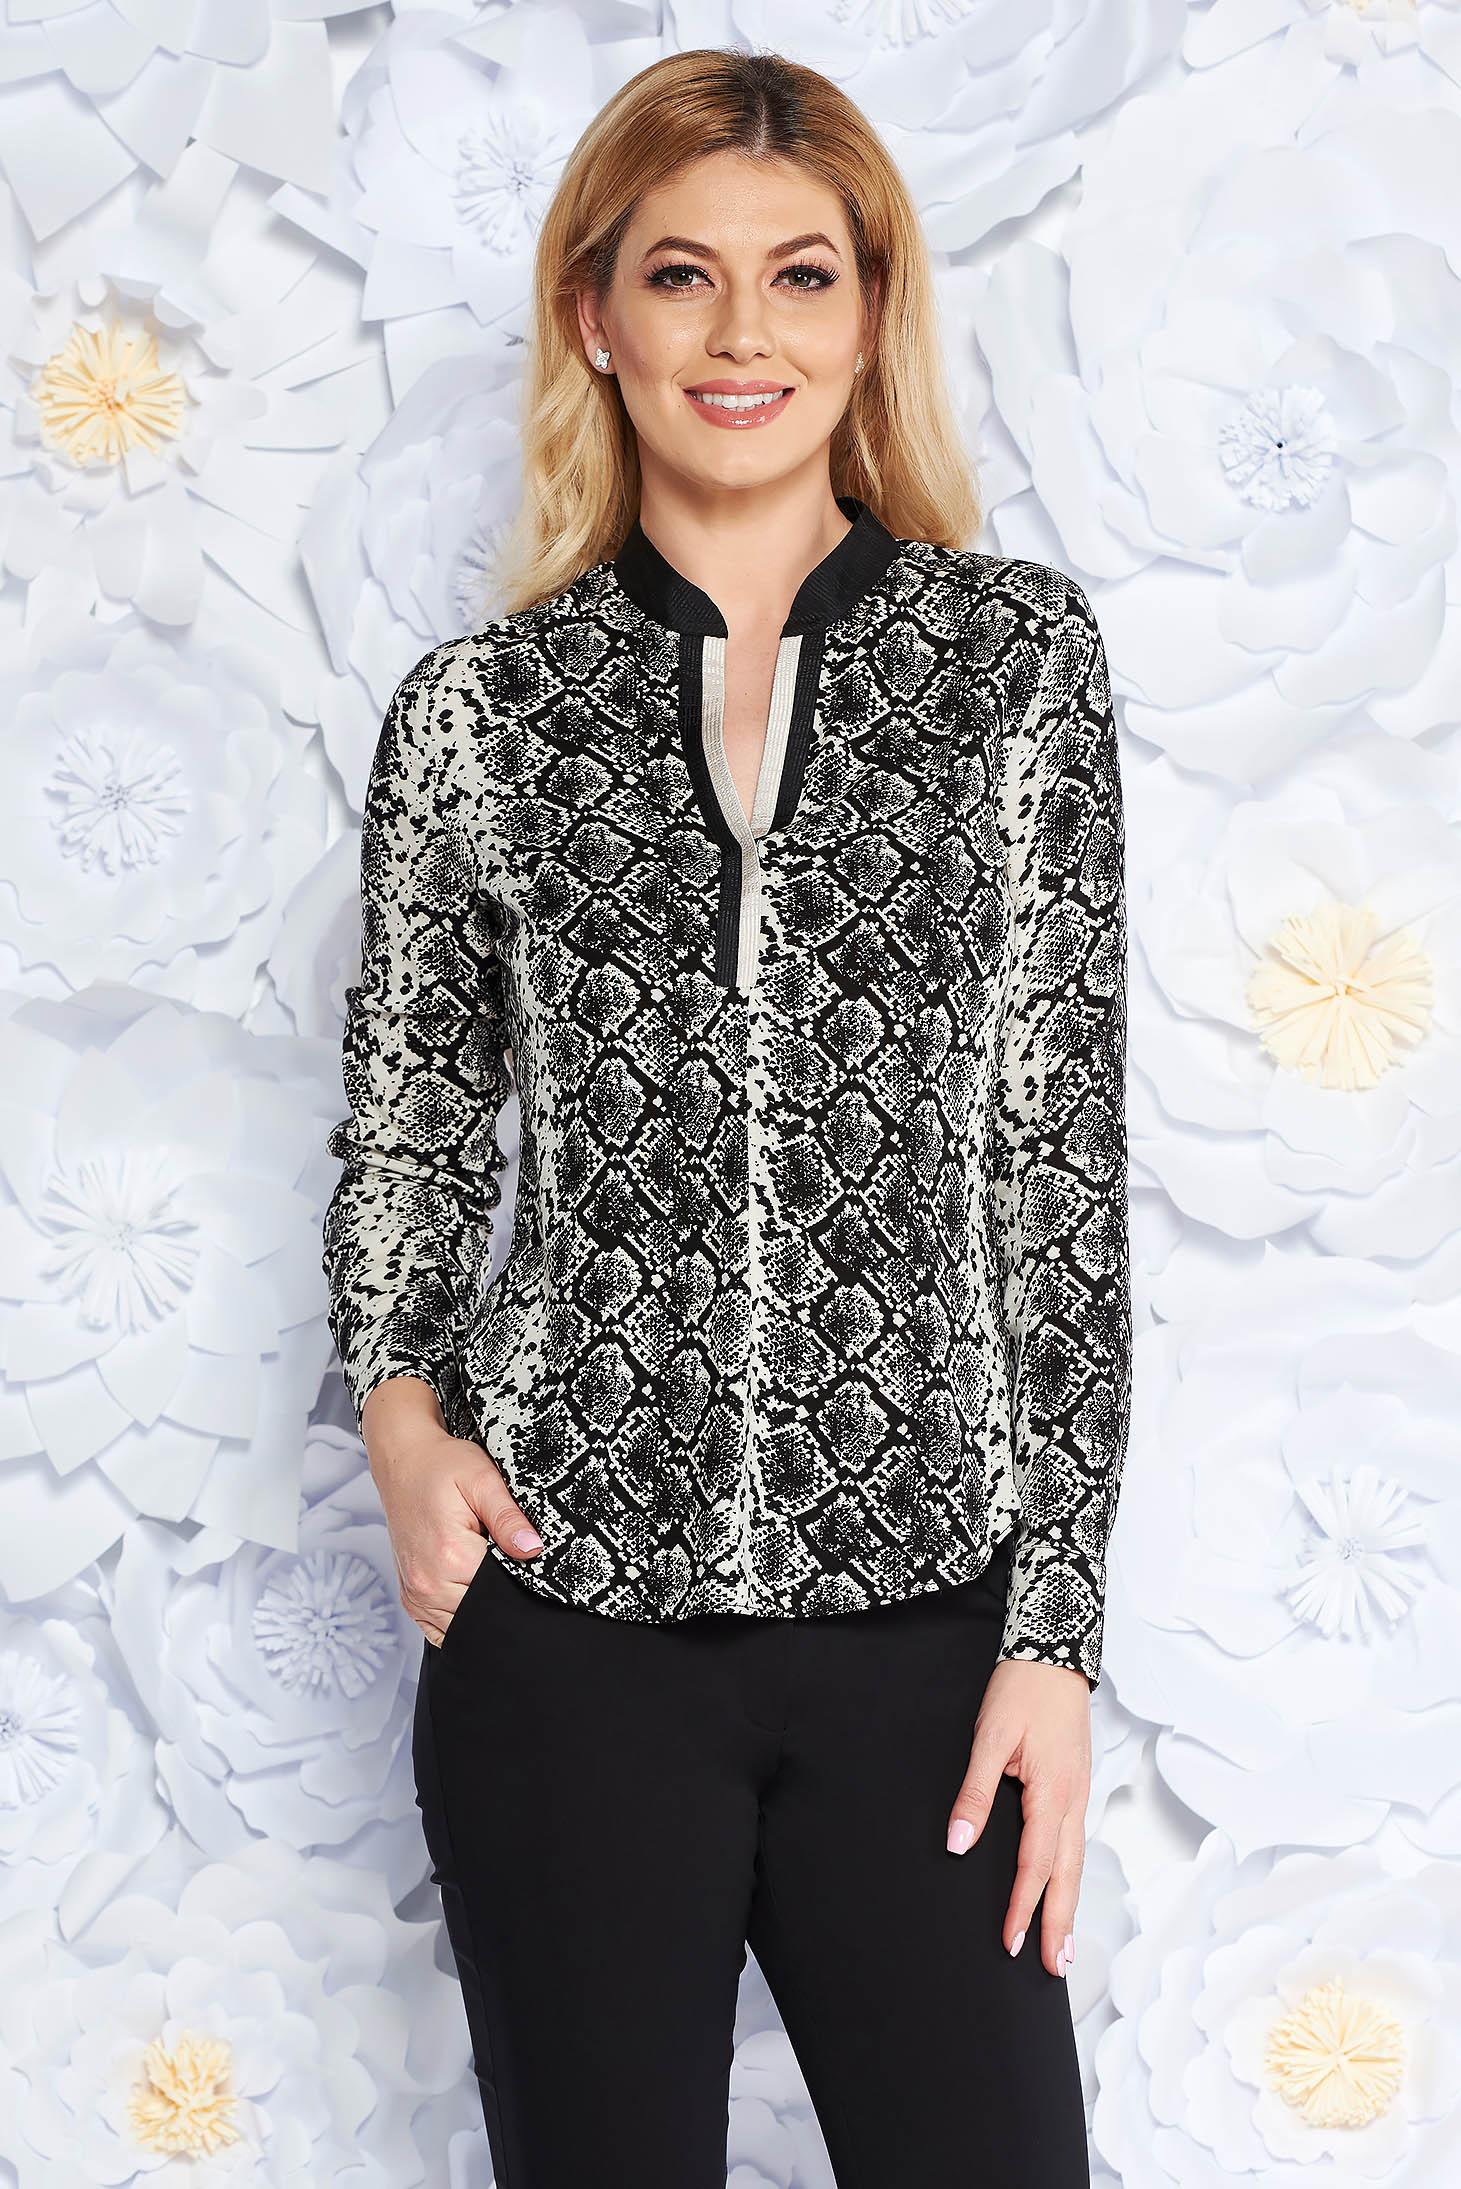 Fekete irodai bő szabású női ing lenge anyagból v-dekoltázzsal a136f311e6